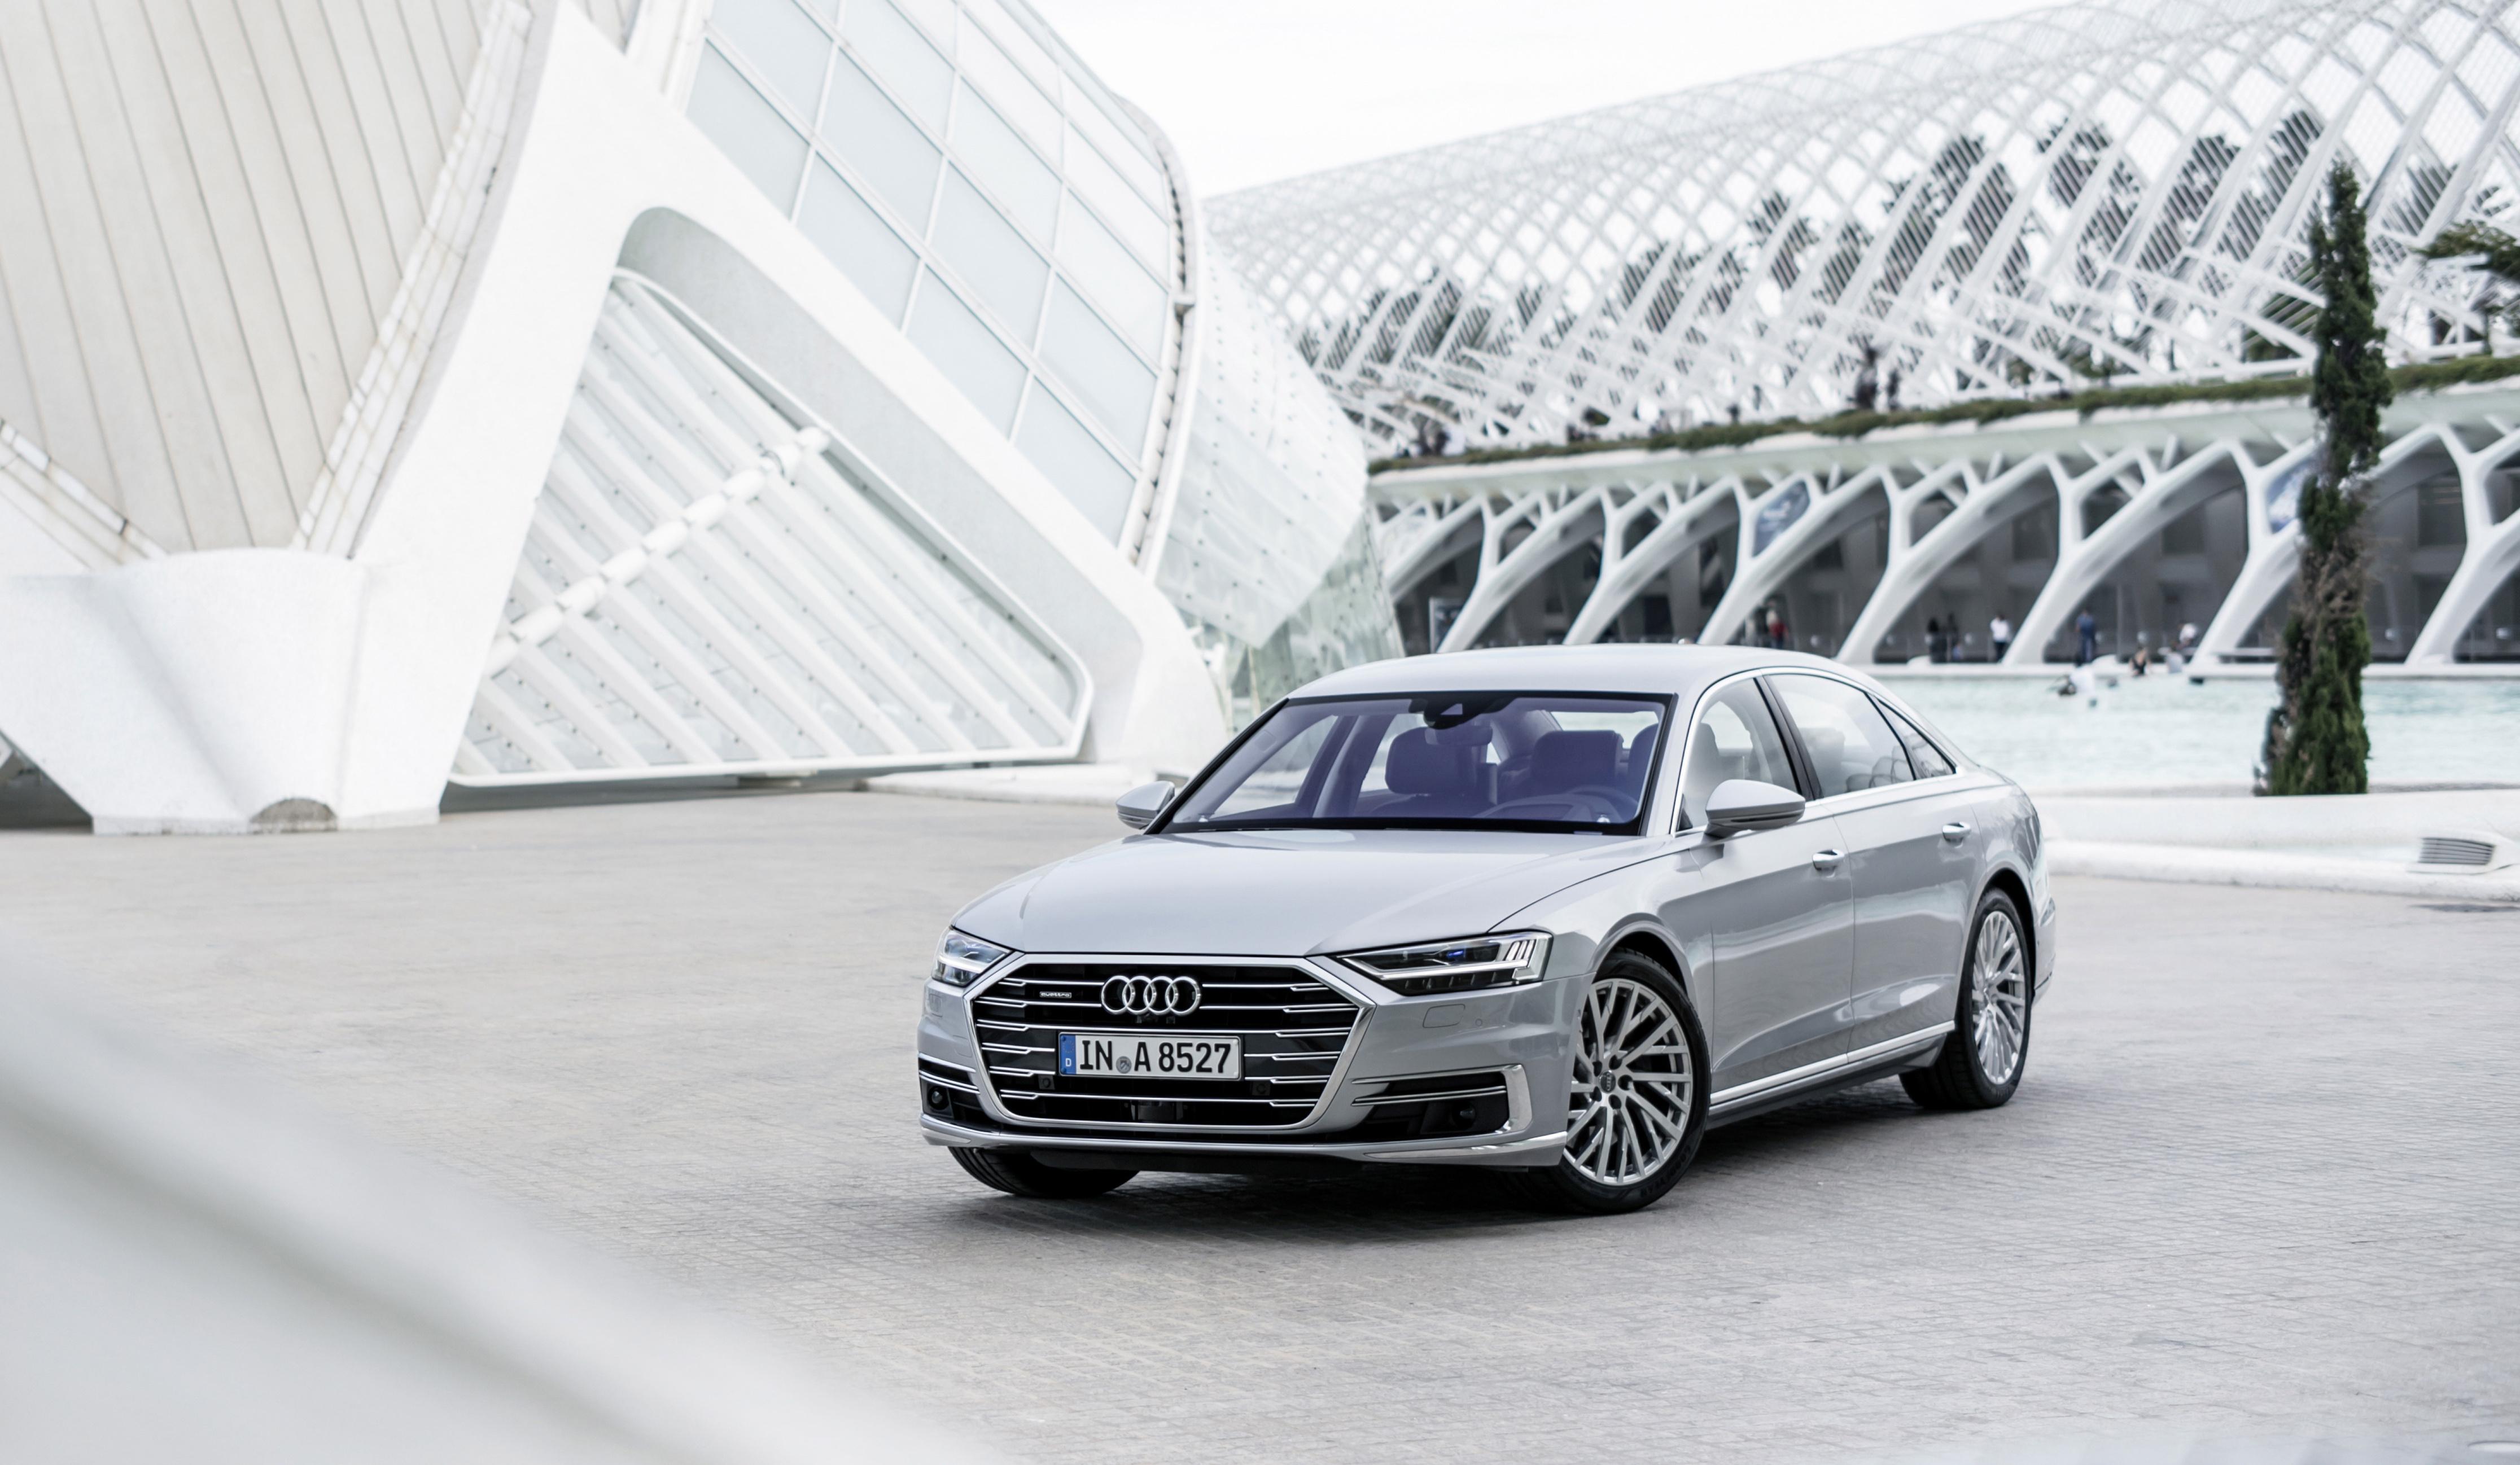 El A8 de Audi conquista el premio World Luxury Car 2018